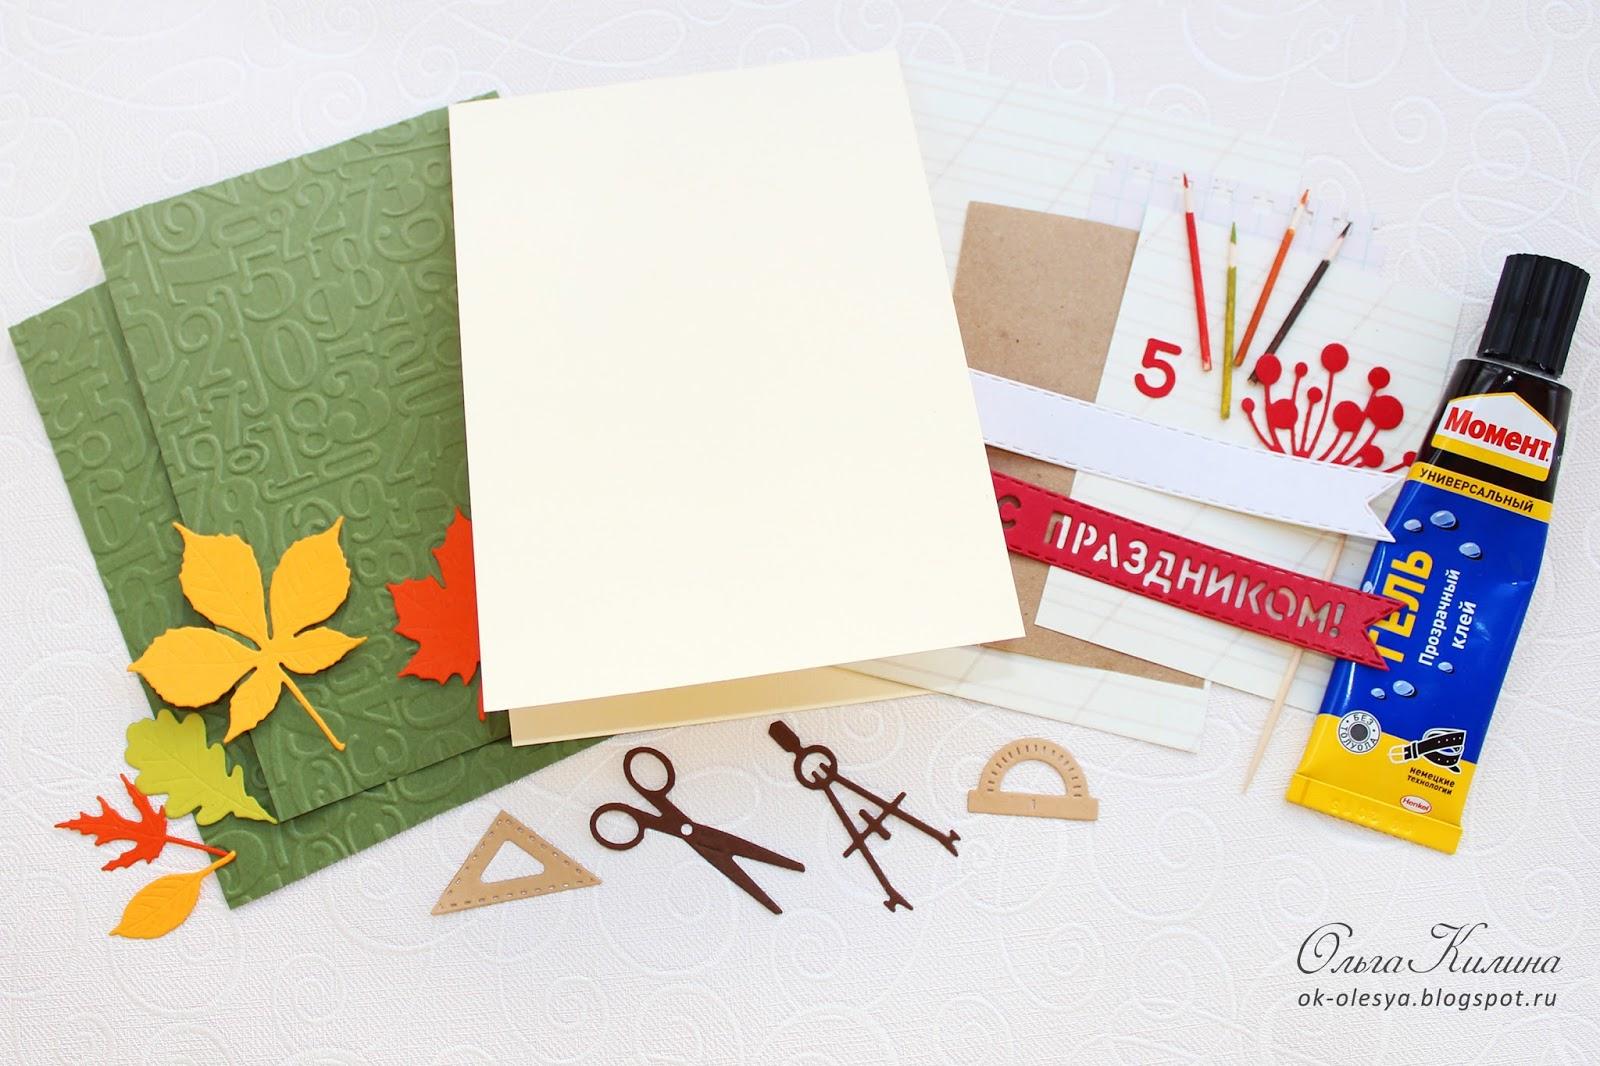 Живые, как аккуратно согнуть картон для открытки